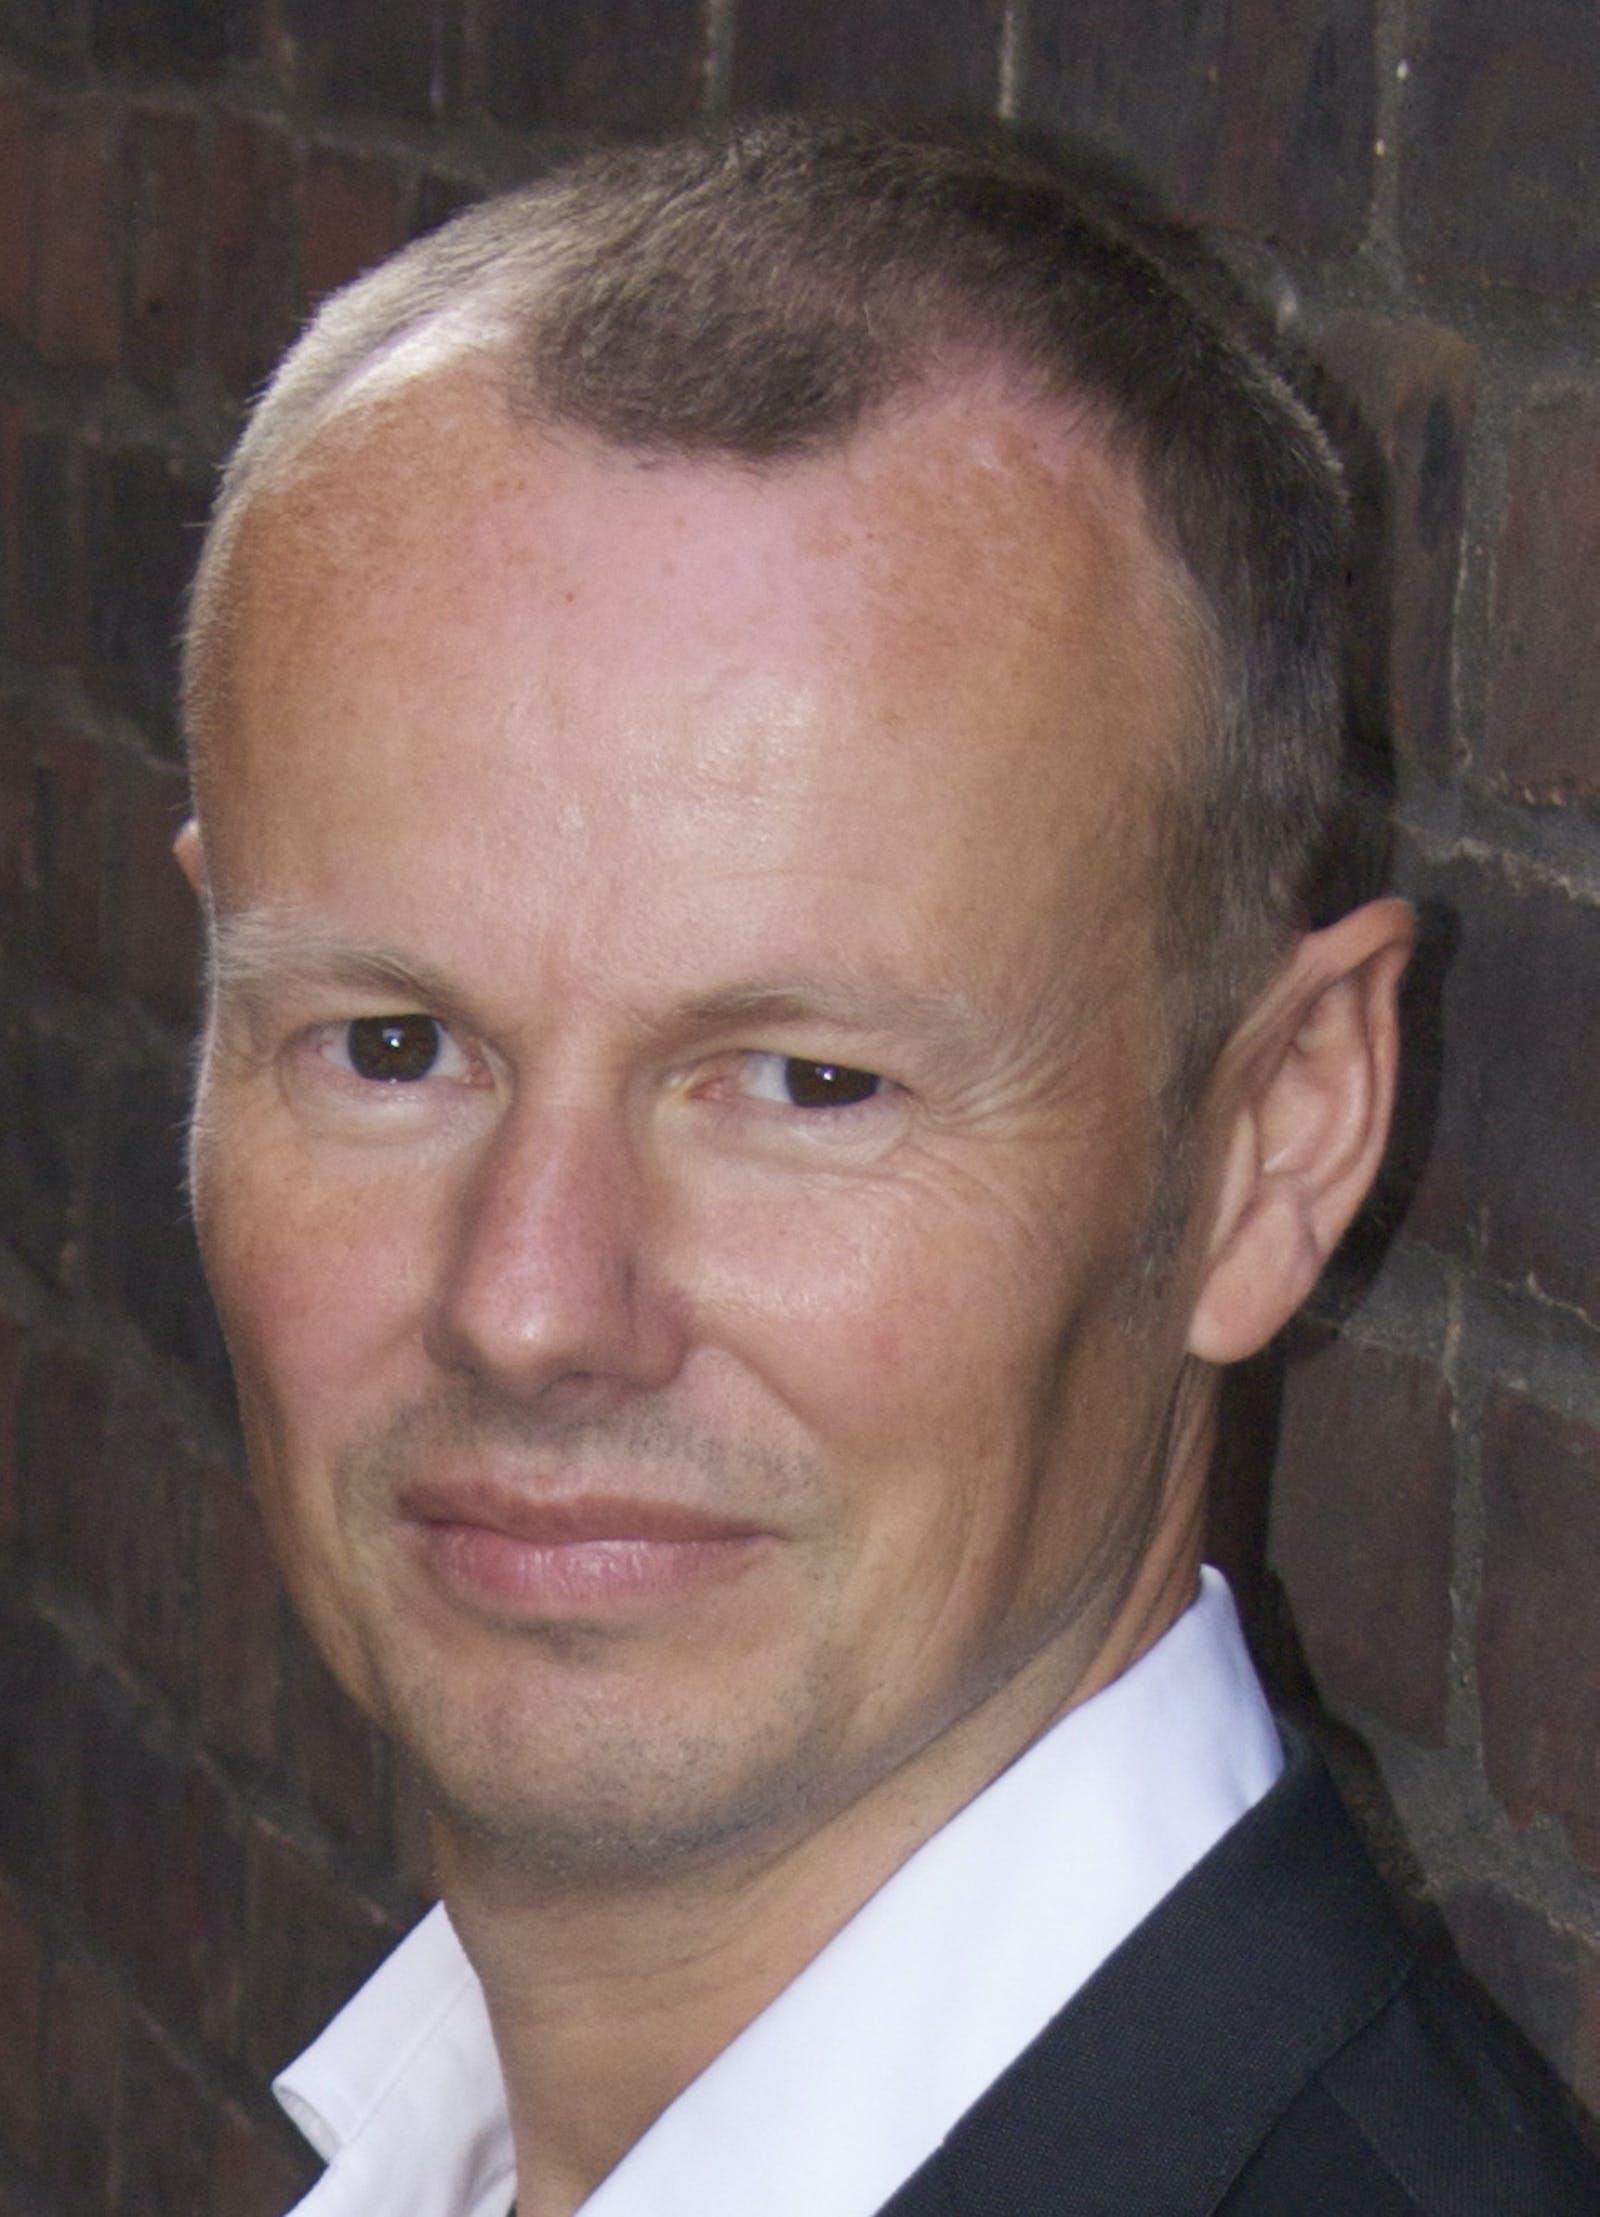 Charles Gant